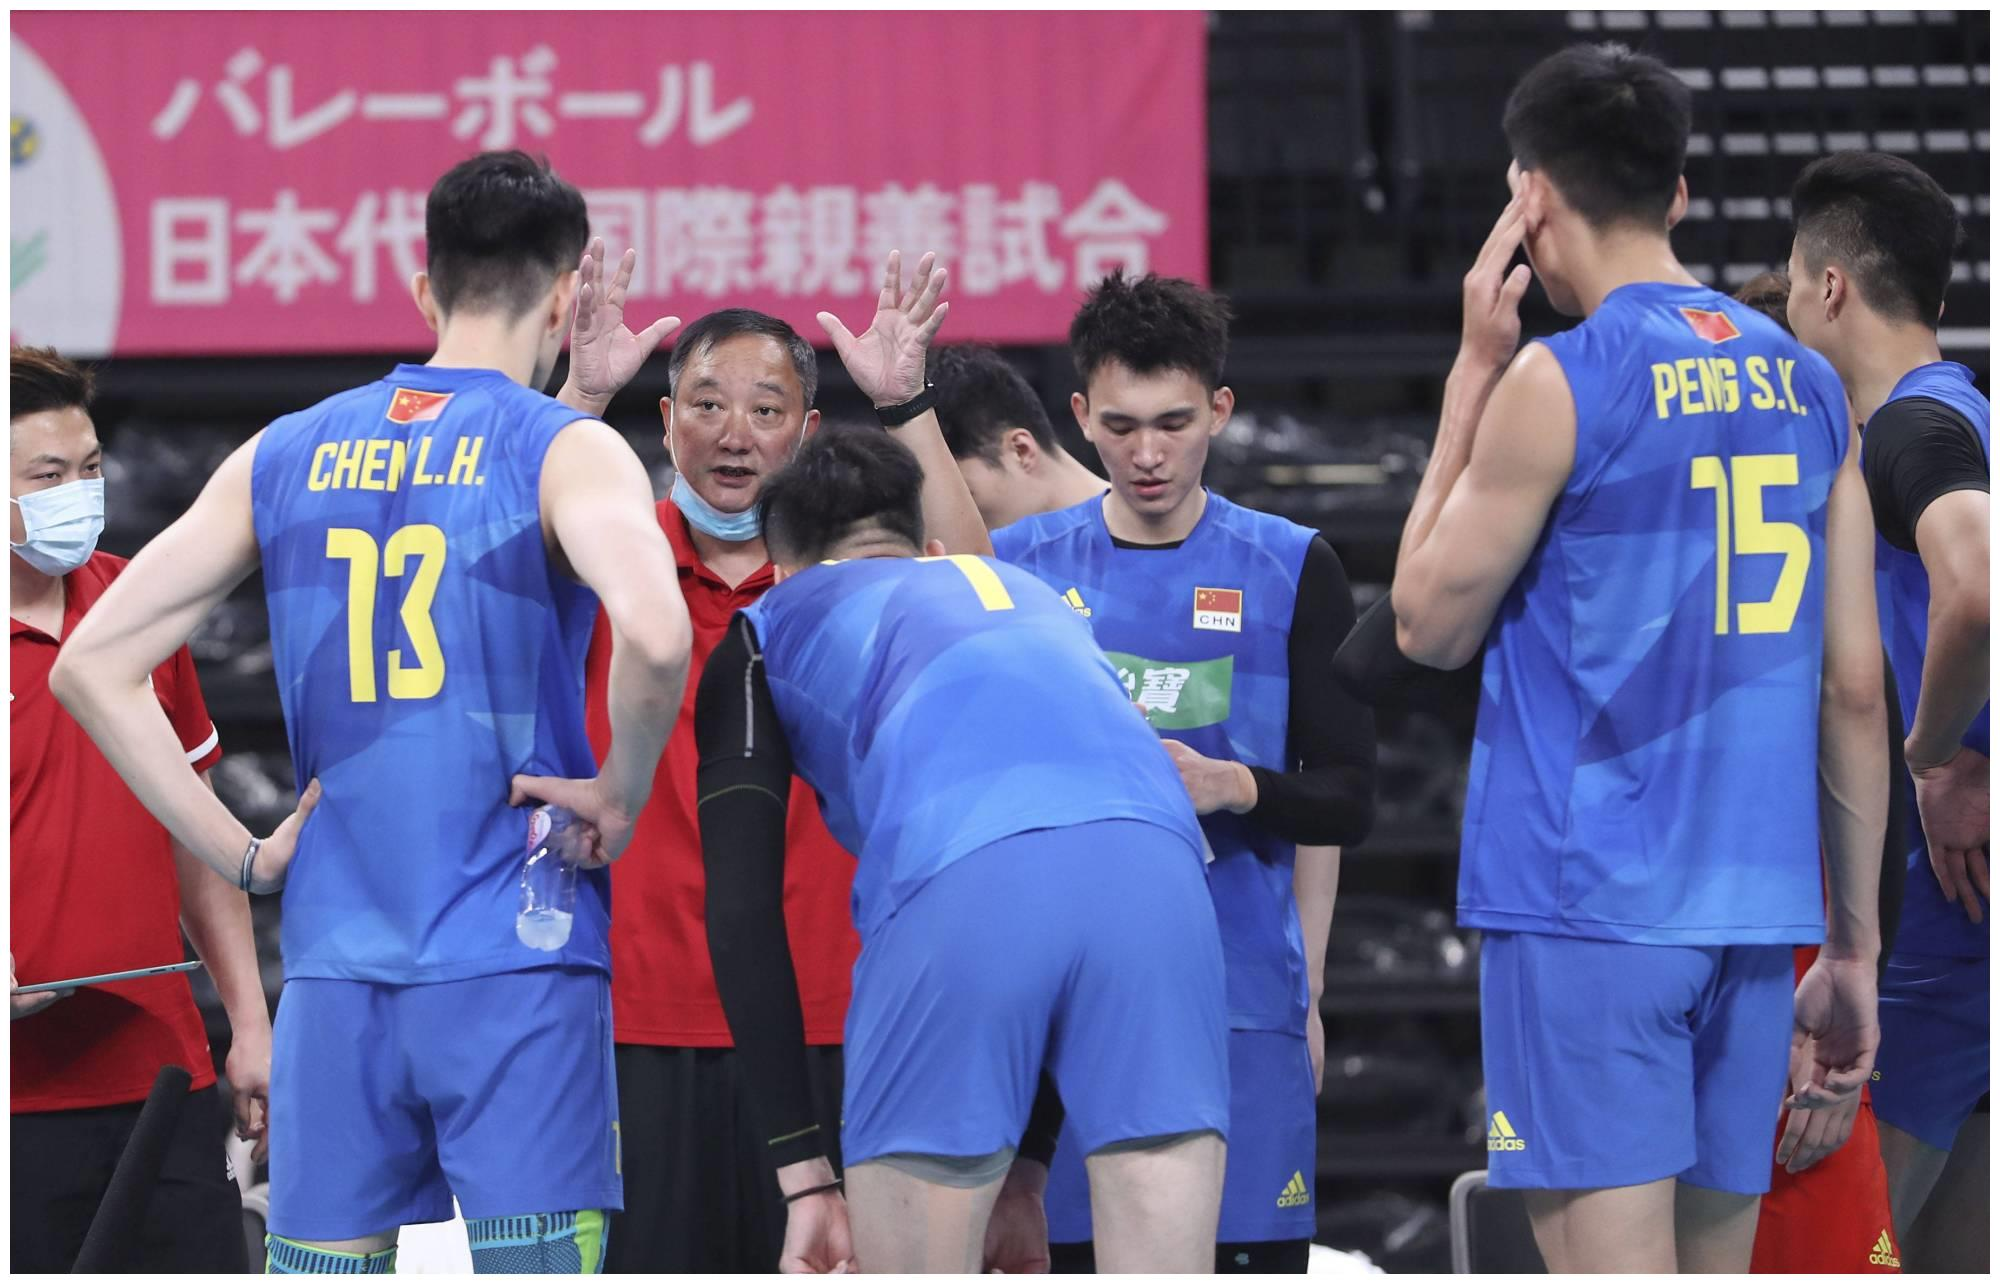 中国男排人员调整,张景胤受伤离队江川回归,力拼世锦赛名额